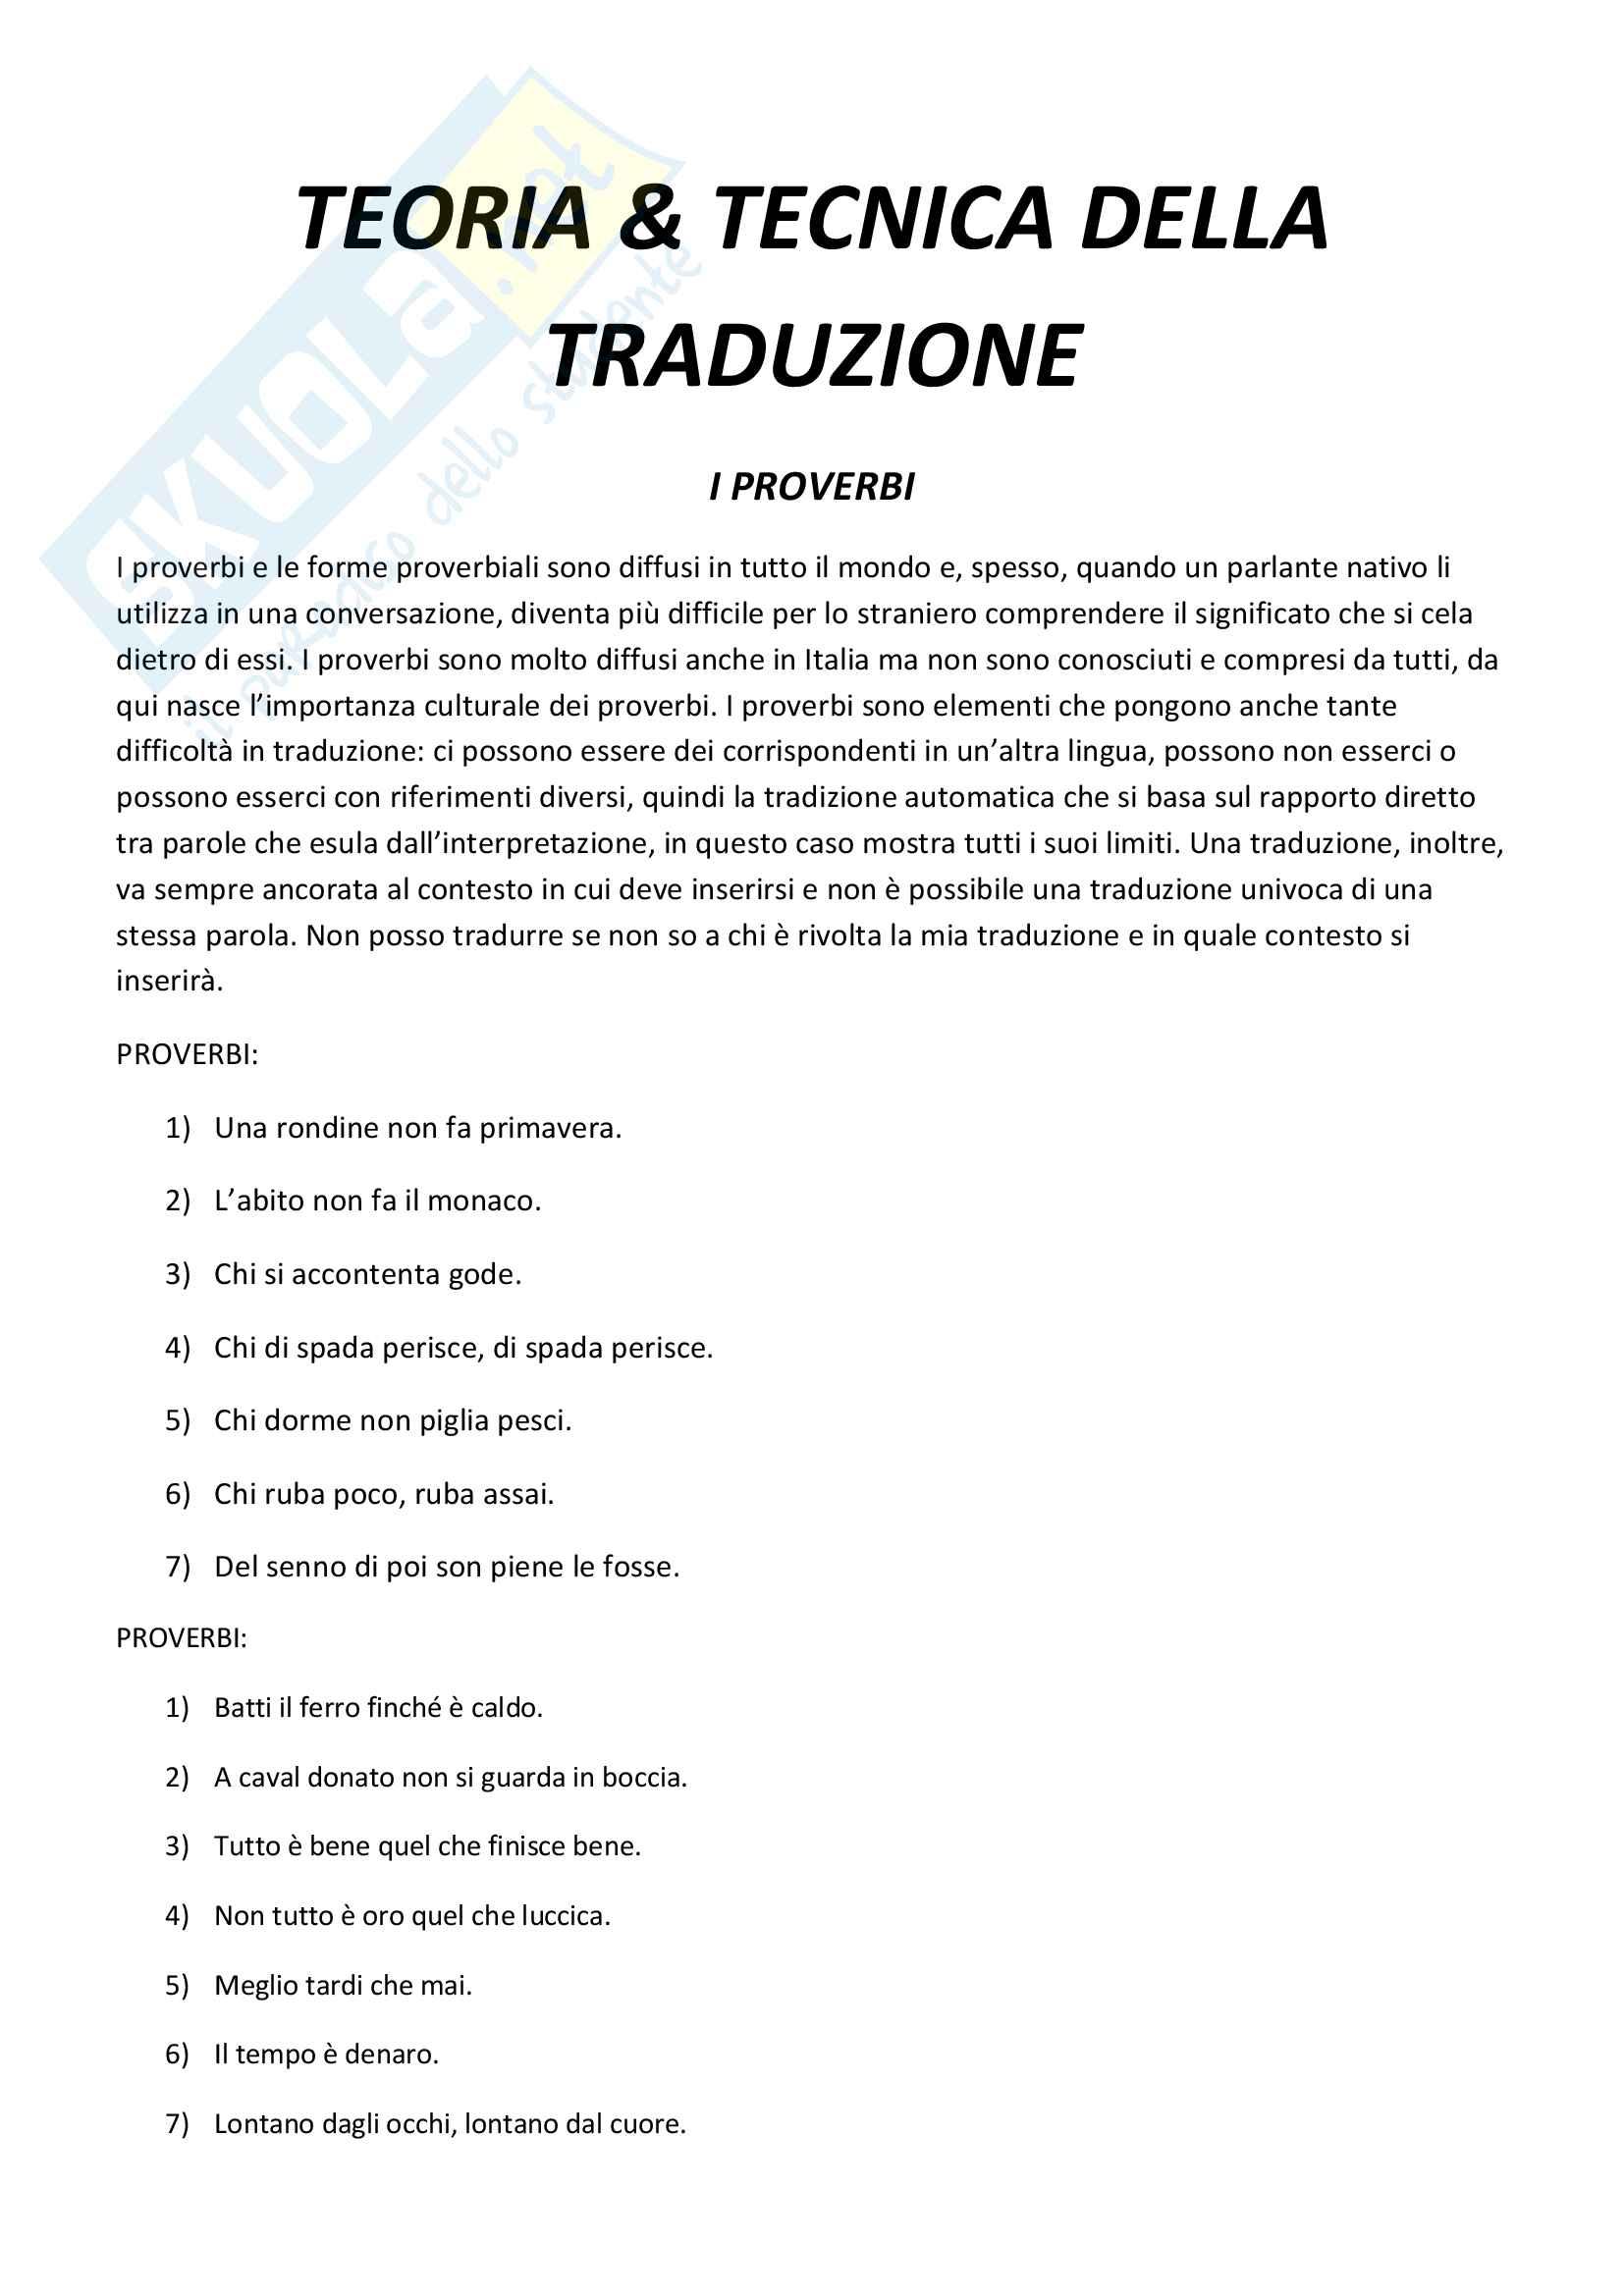 Appunti esame Teoria e tecnica della traduzione, prof. Diadori